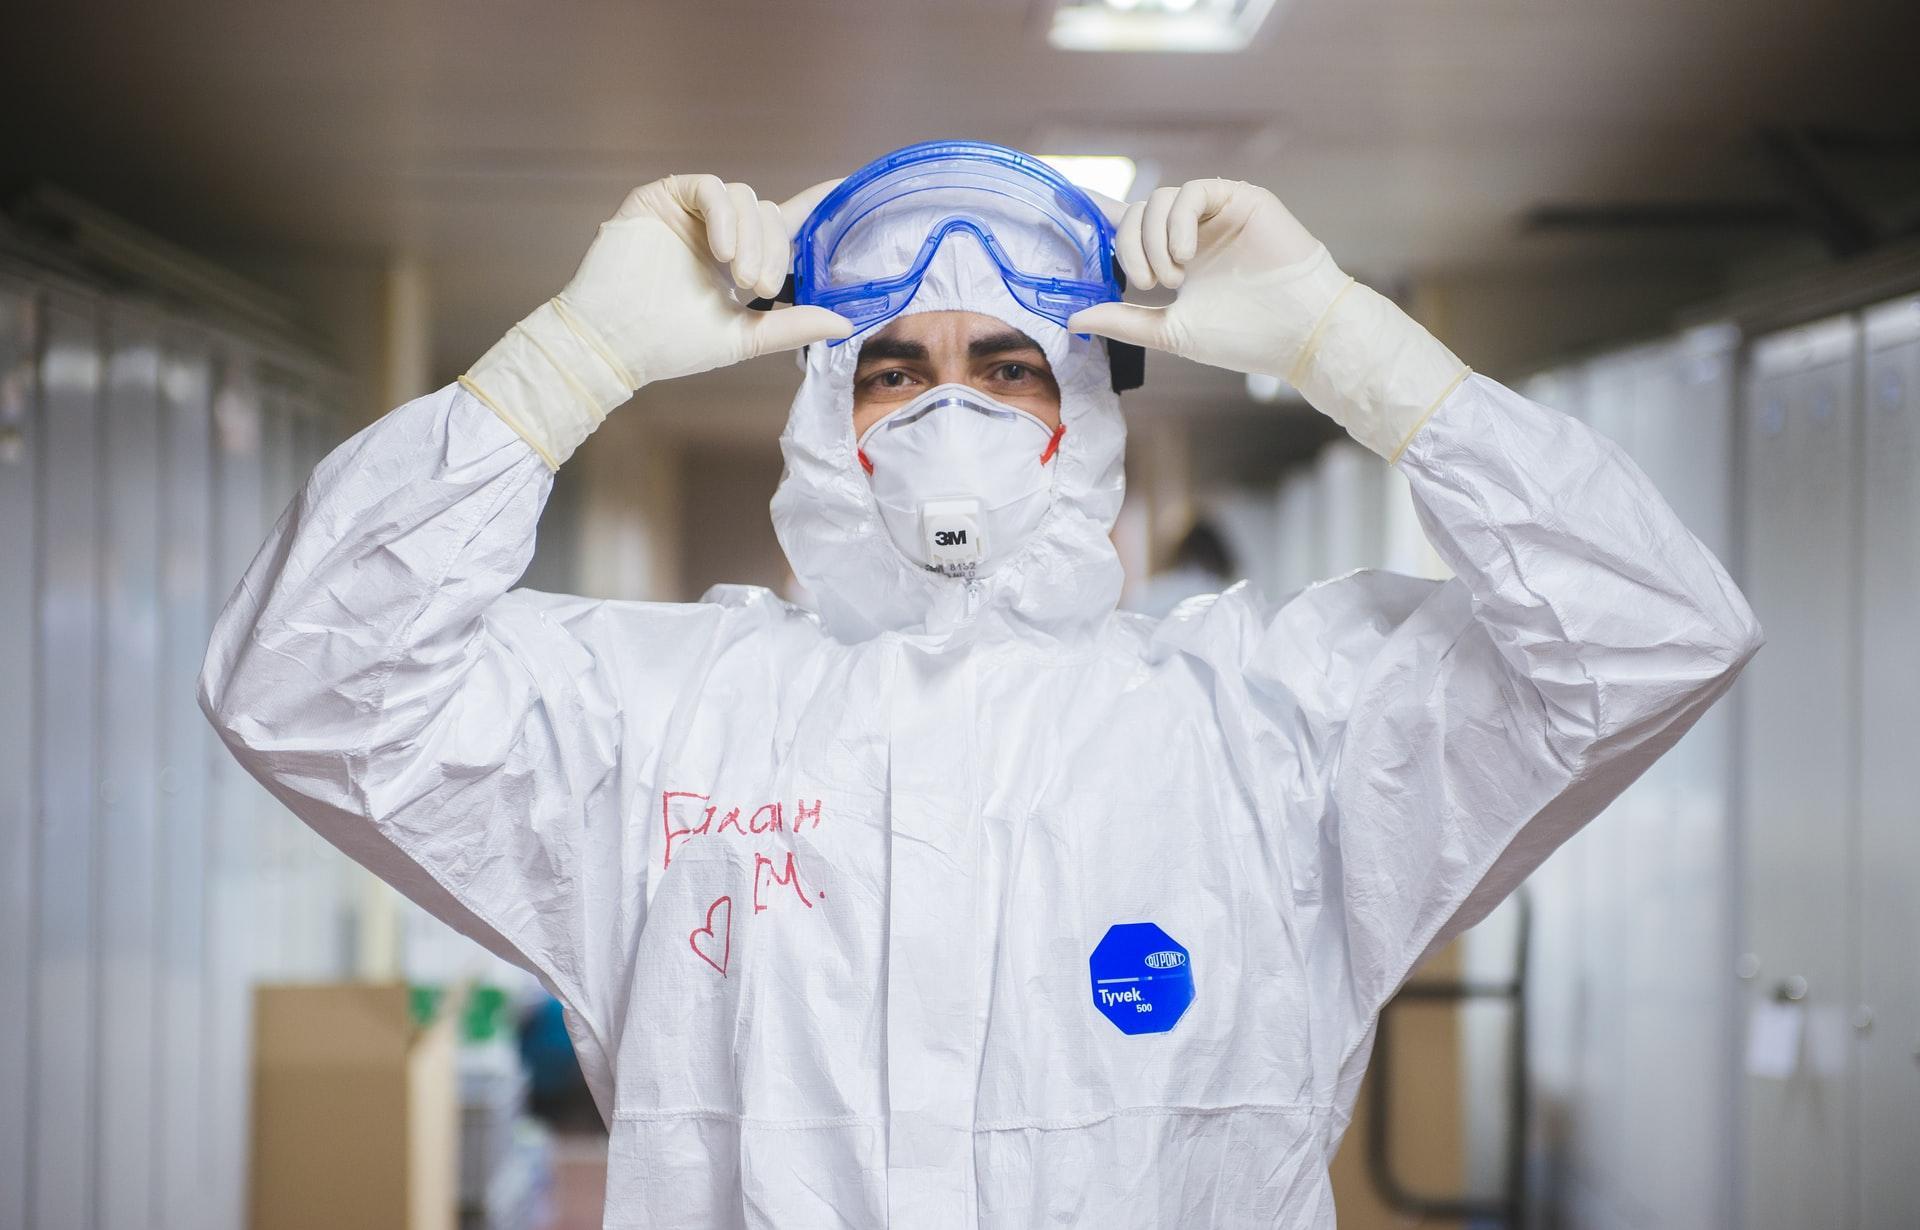 Коронавирус в Тверской области: число выздоровевших за сутки превысило число заболевших